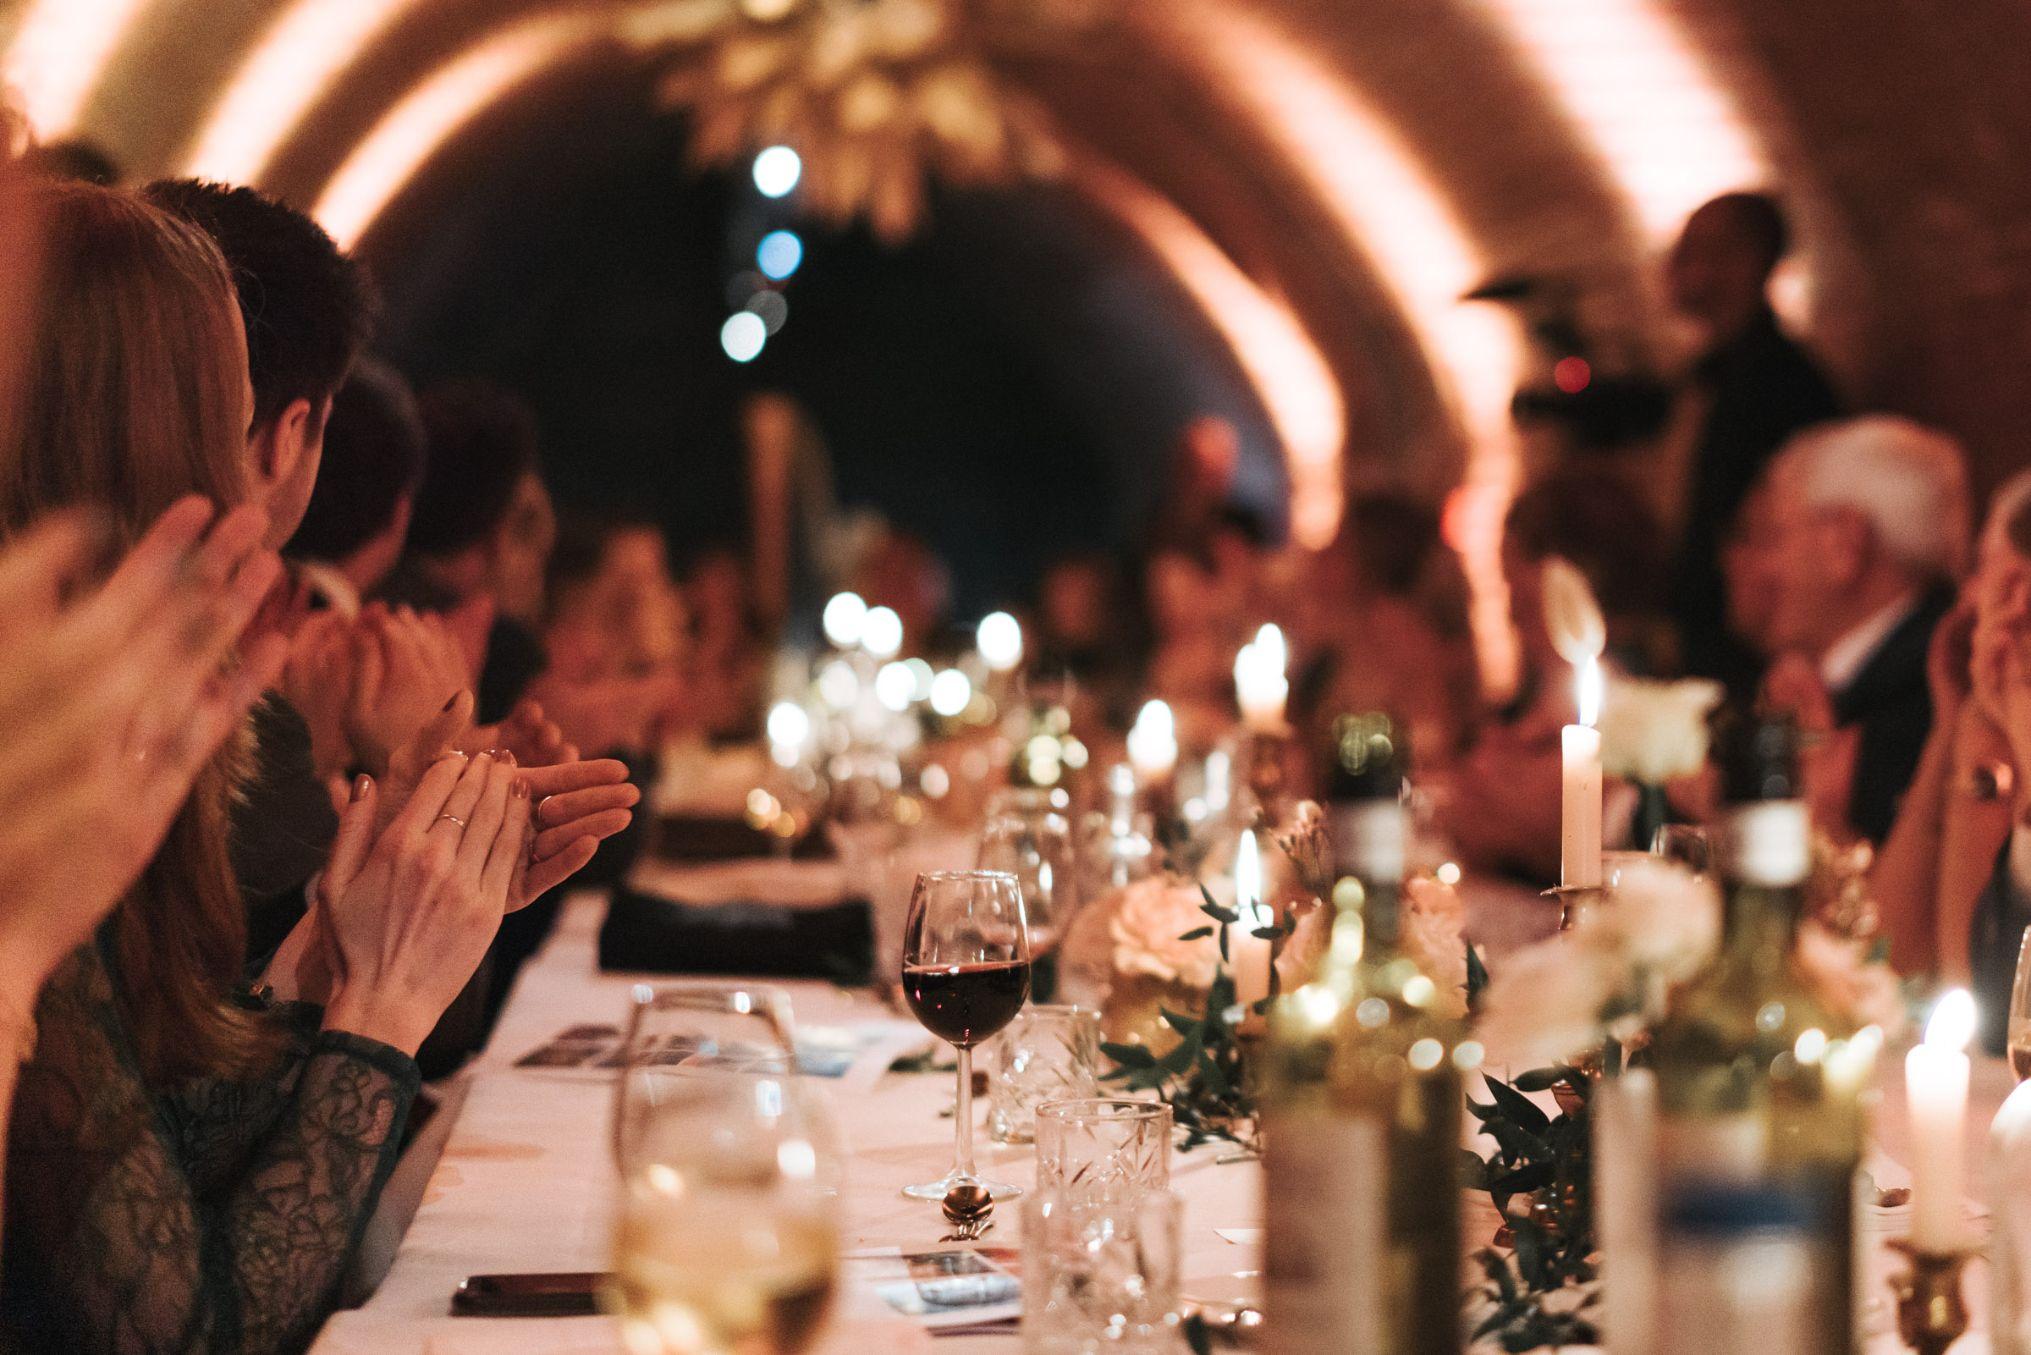 kasteel woerden dineren in de gewelf zakelijke lunch diner zakelijk event vergadering centraal in groene hart van randstad congres regio utrecht en Schiphol voldoende parkeerplaatsen goed bereikbaar dichtbij centraal station